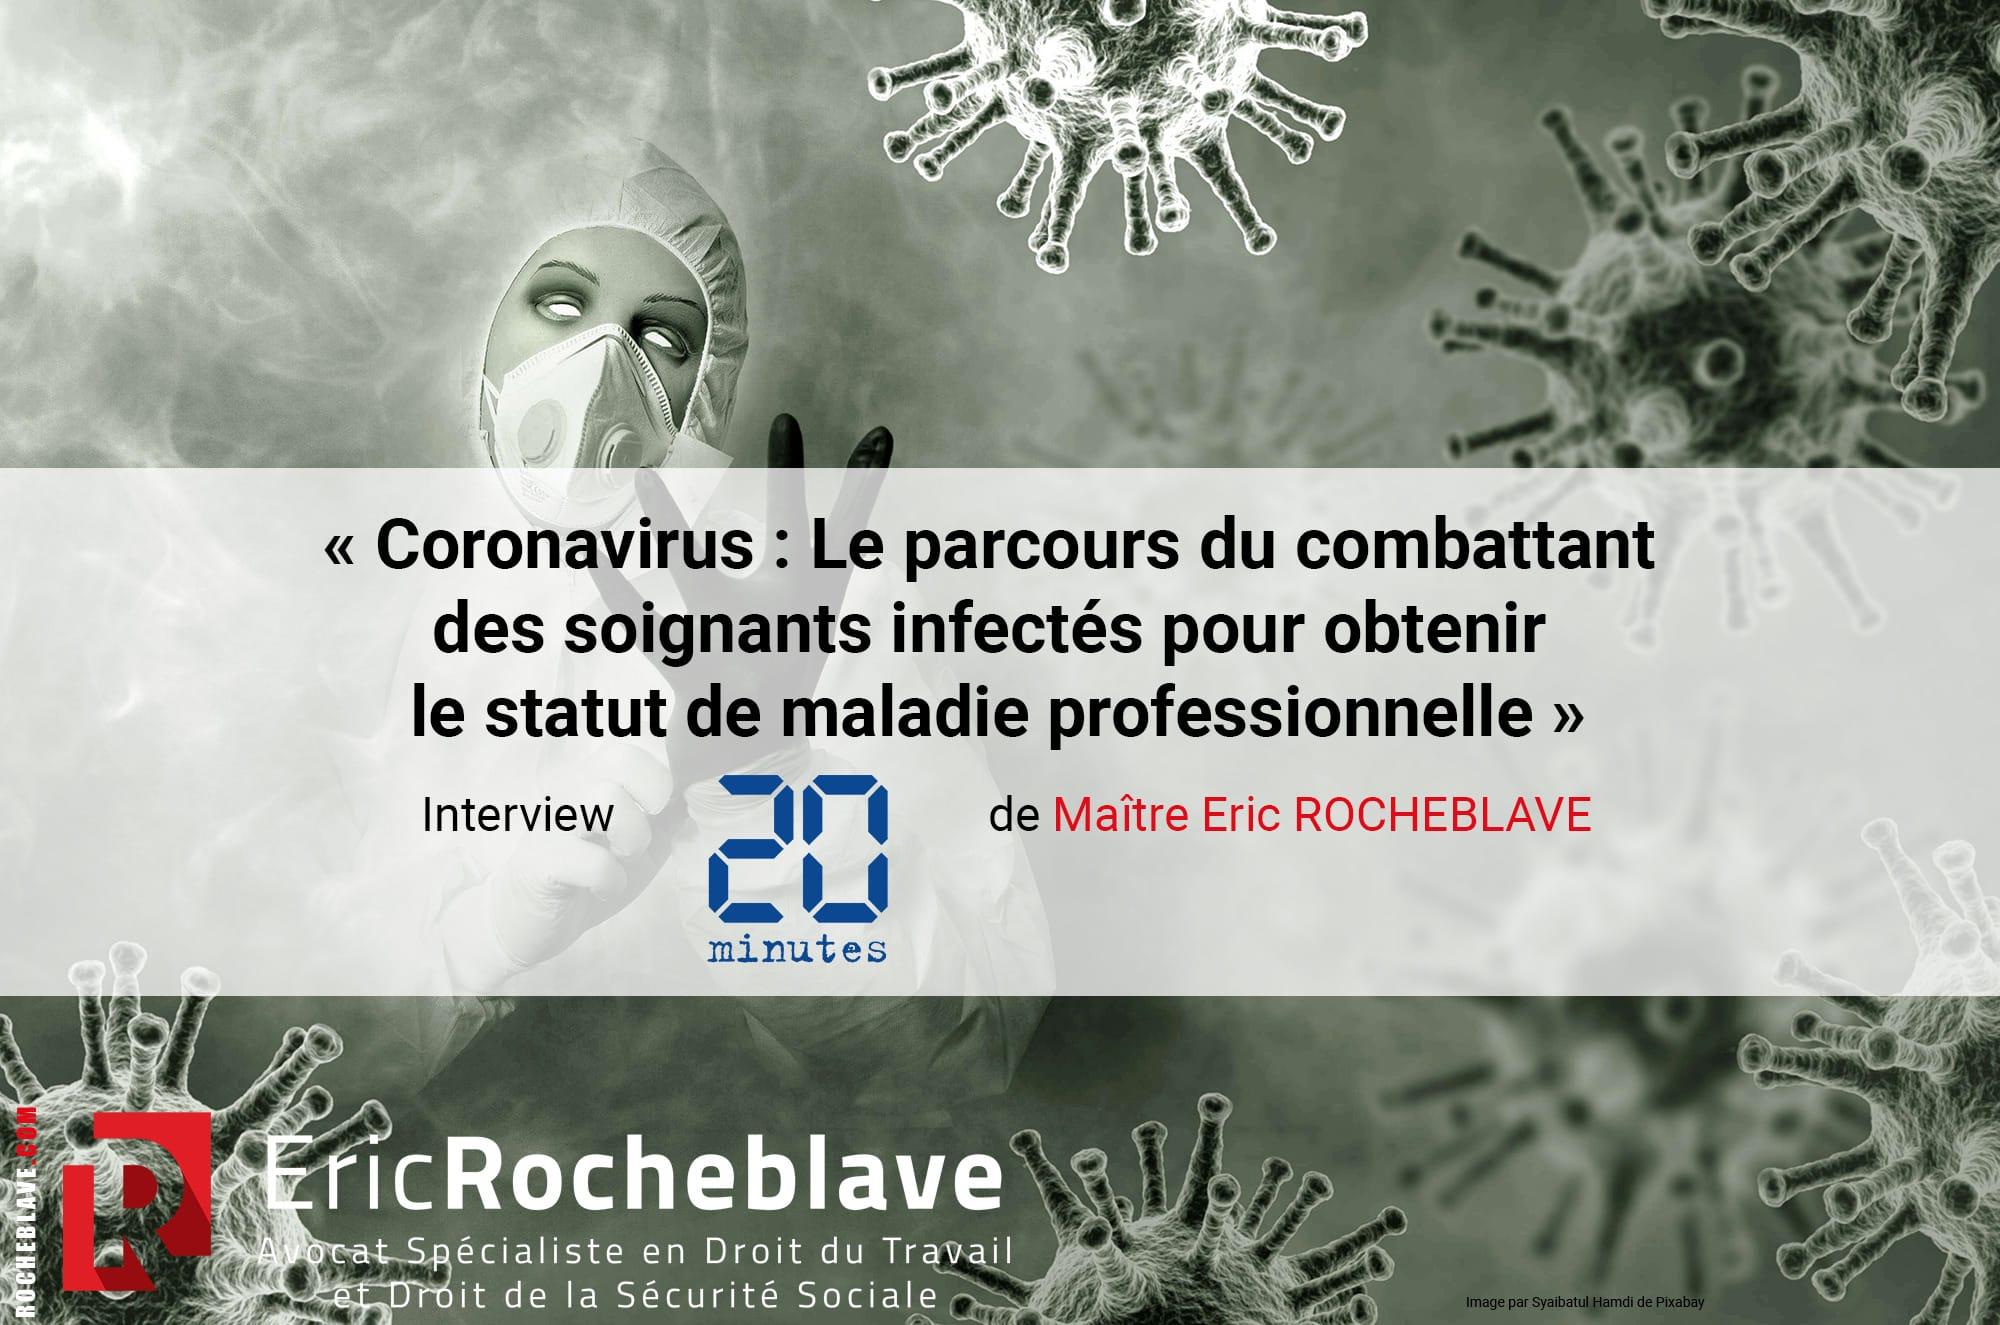 « Coronavirus : Le parcours du combattant des soignants infectés pour obtenir le statut de maladie professionnelle » Interview 20 minutes de Maître Eric ROCHEBLAVE